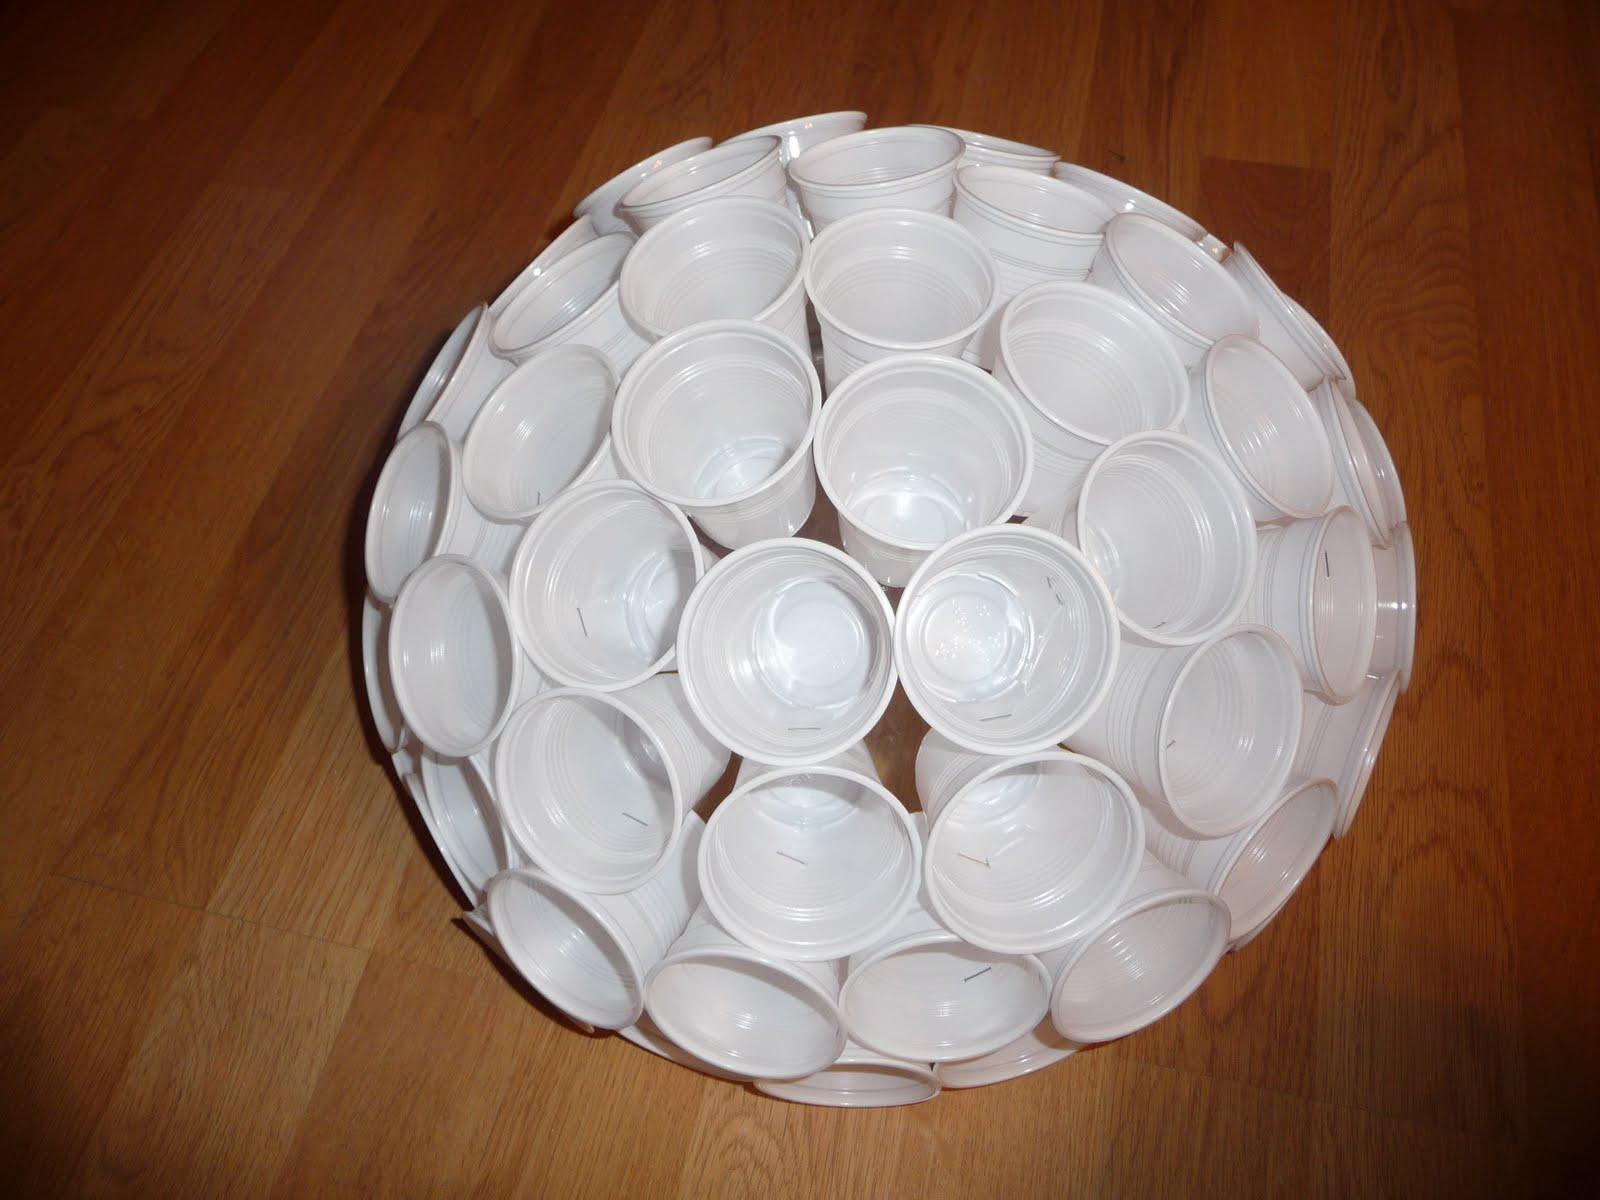 Ma vie courante tuto de la lampe design gobelet - Bonhomme de neige en gobelet plastique ...